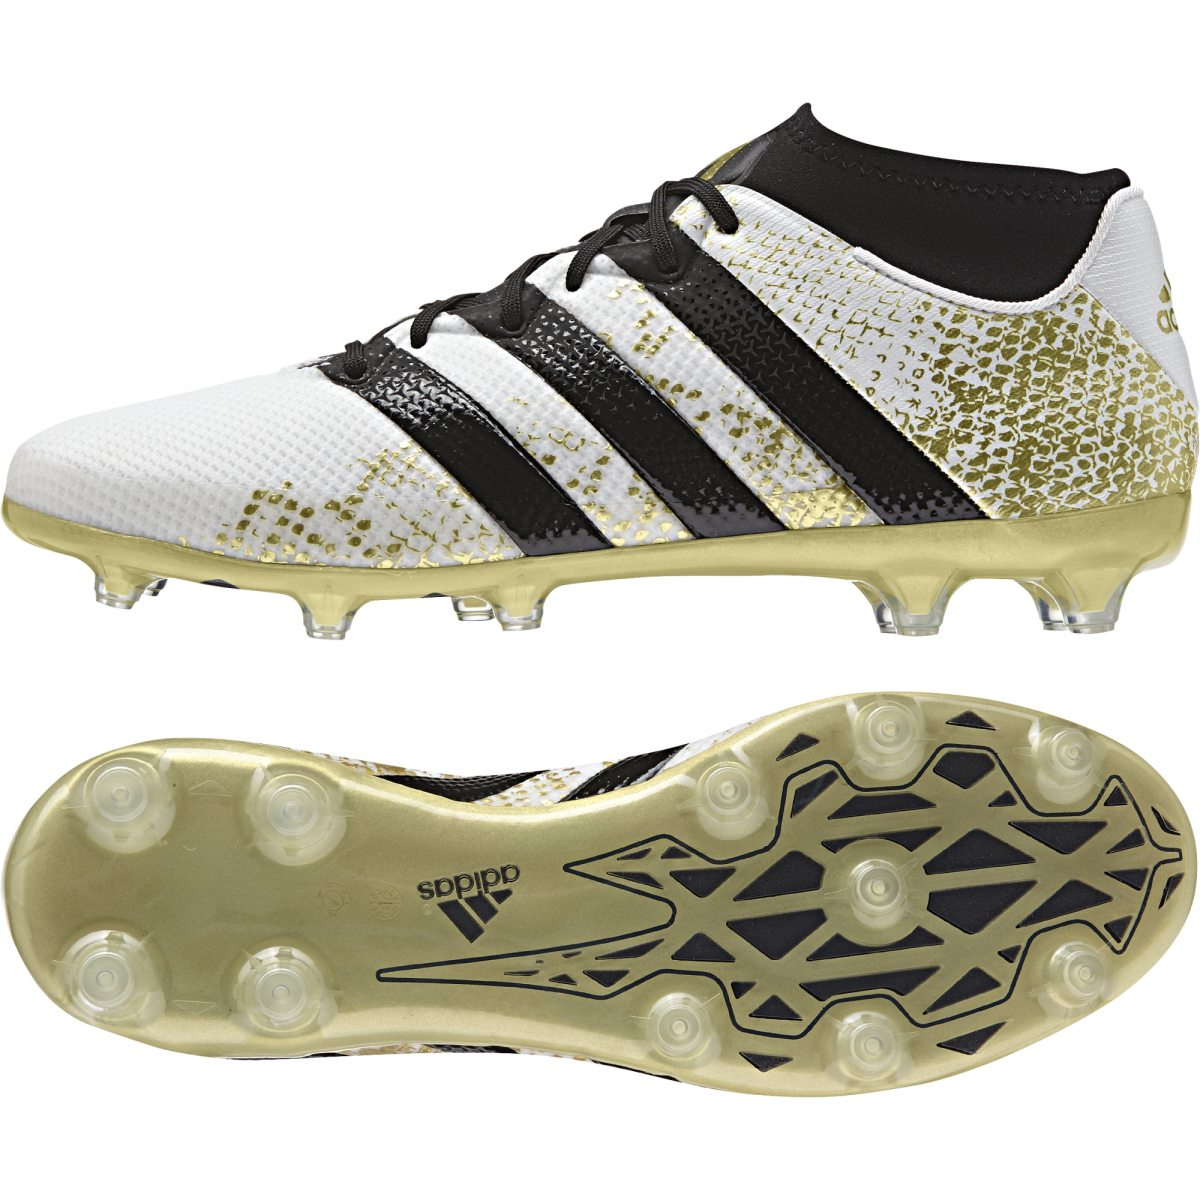 best website 1ca13 ed13e adidas ace 16.2 primemesh fg ag fotbollssko senior fotbollsskor